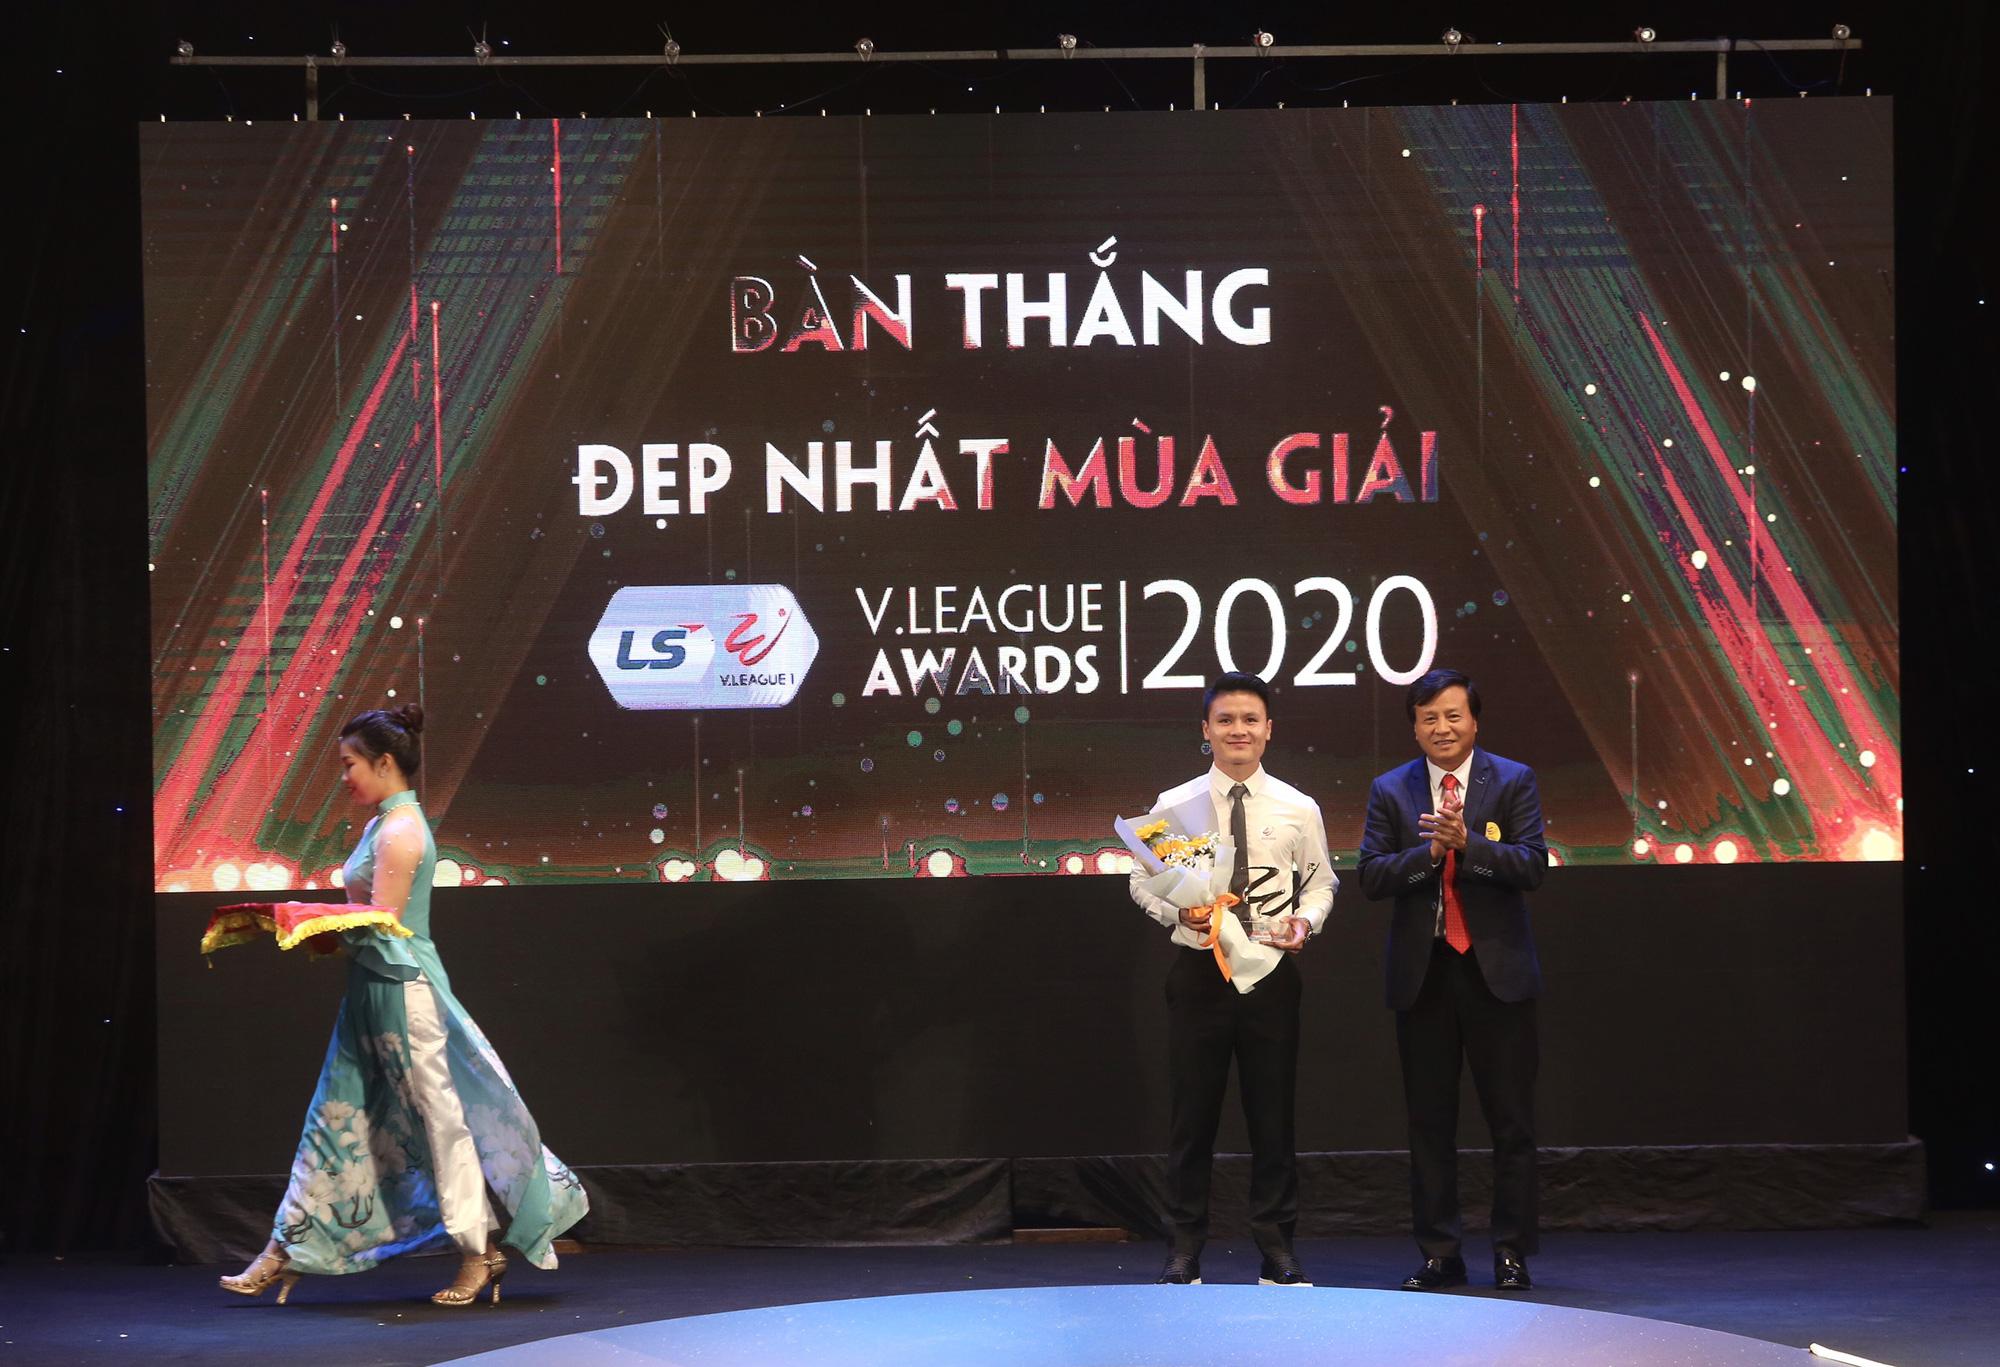 Văn Quyết,HLV Trương Việt Hoàng tỏa sáng tại V.League Awards 2020 - Ảnh 2.